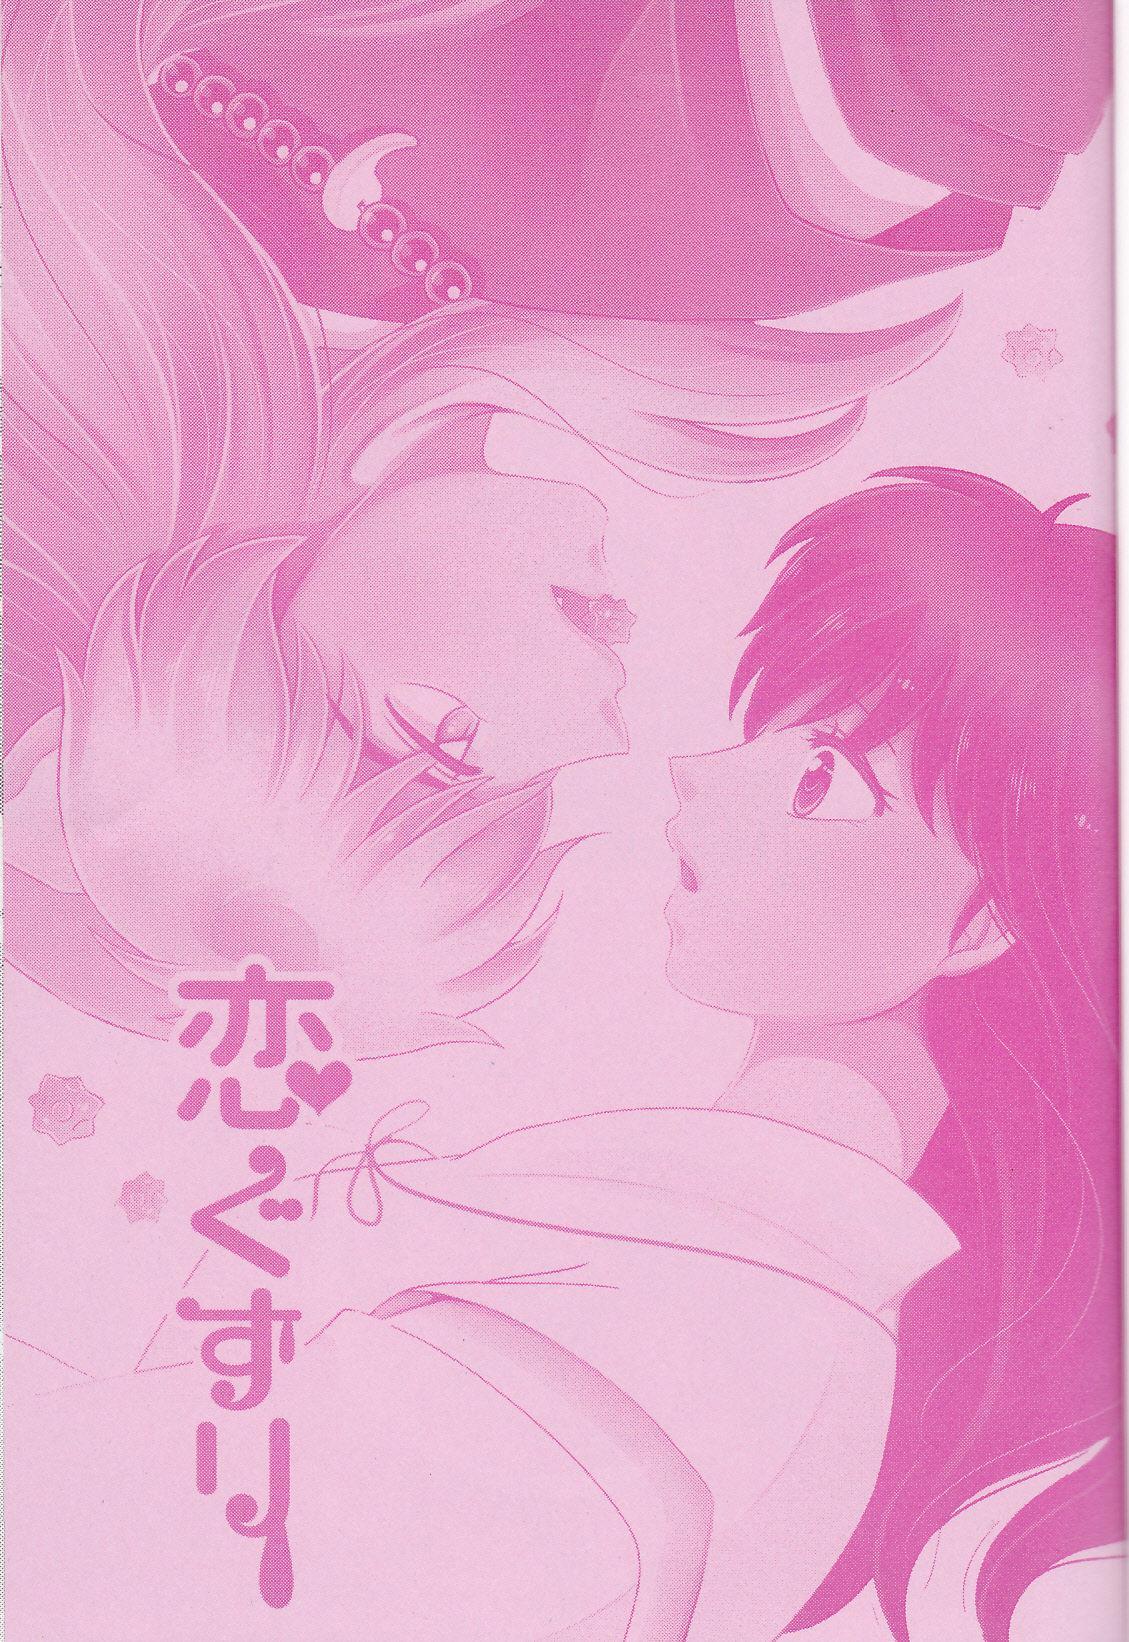 Koi Gusuri - Love drug 2